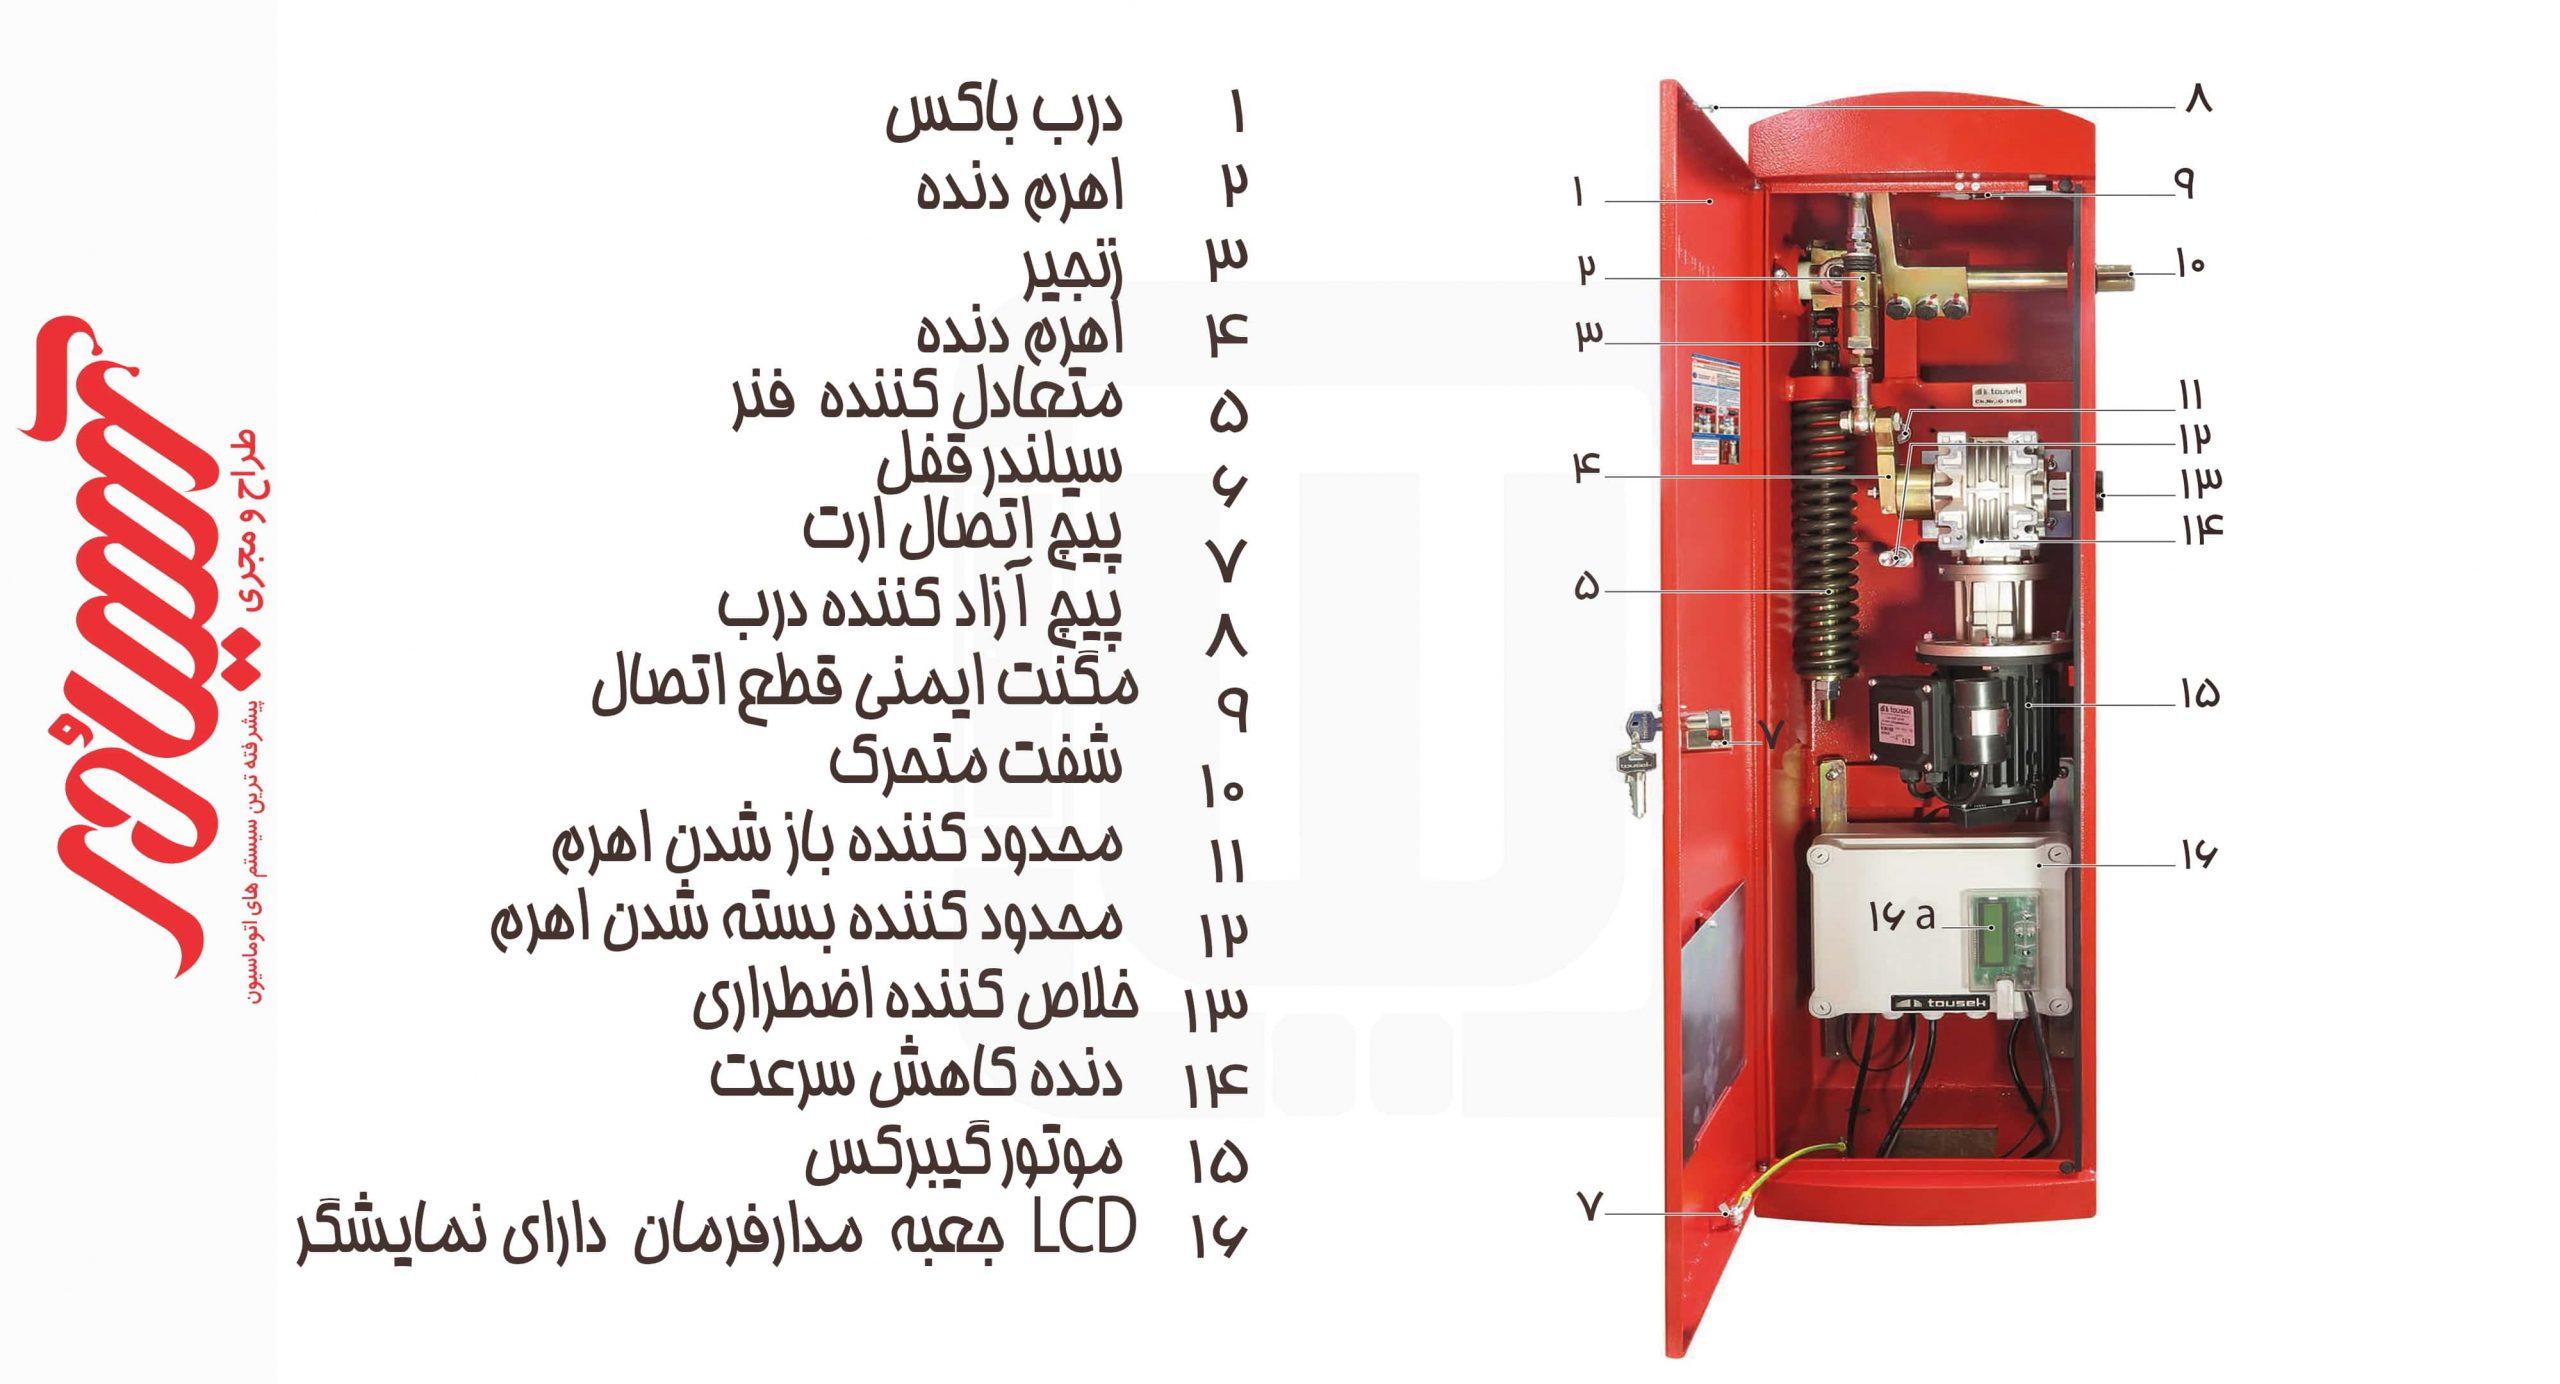 اجزای تشکیل دهنده راهبند اتوماتیک توسک مدل PASS 838